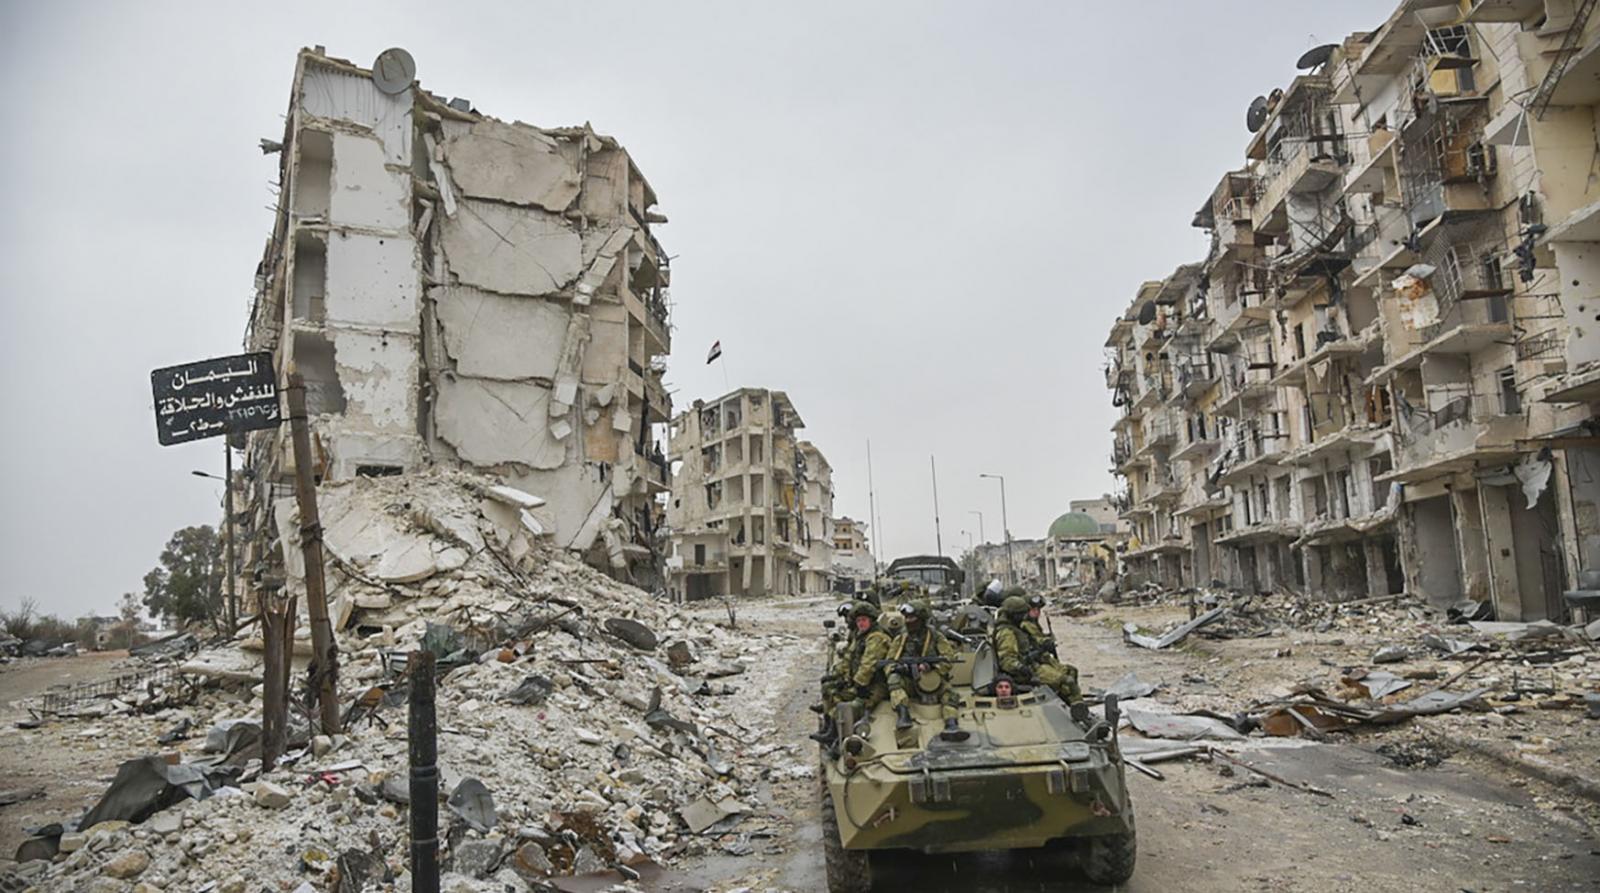 Μετά την Τουρκία, η Κίνα επεκτείνει την επιρροή της και στη Συρία;